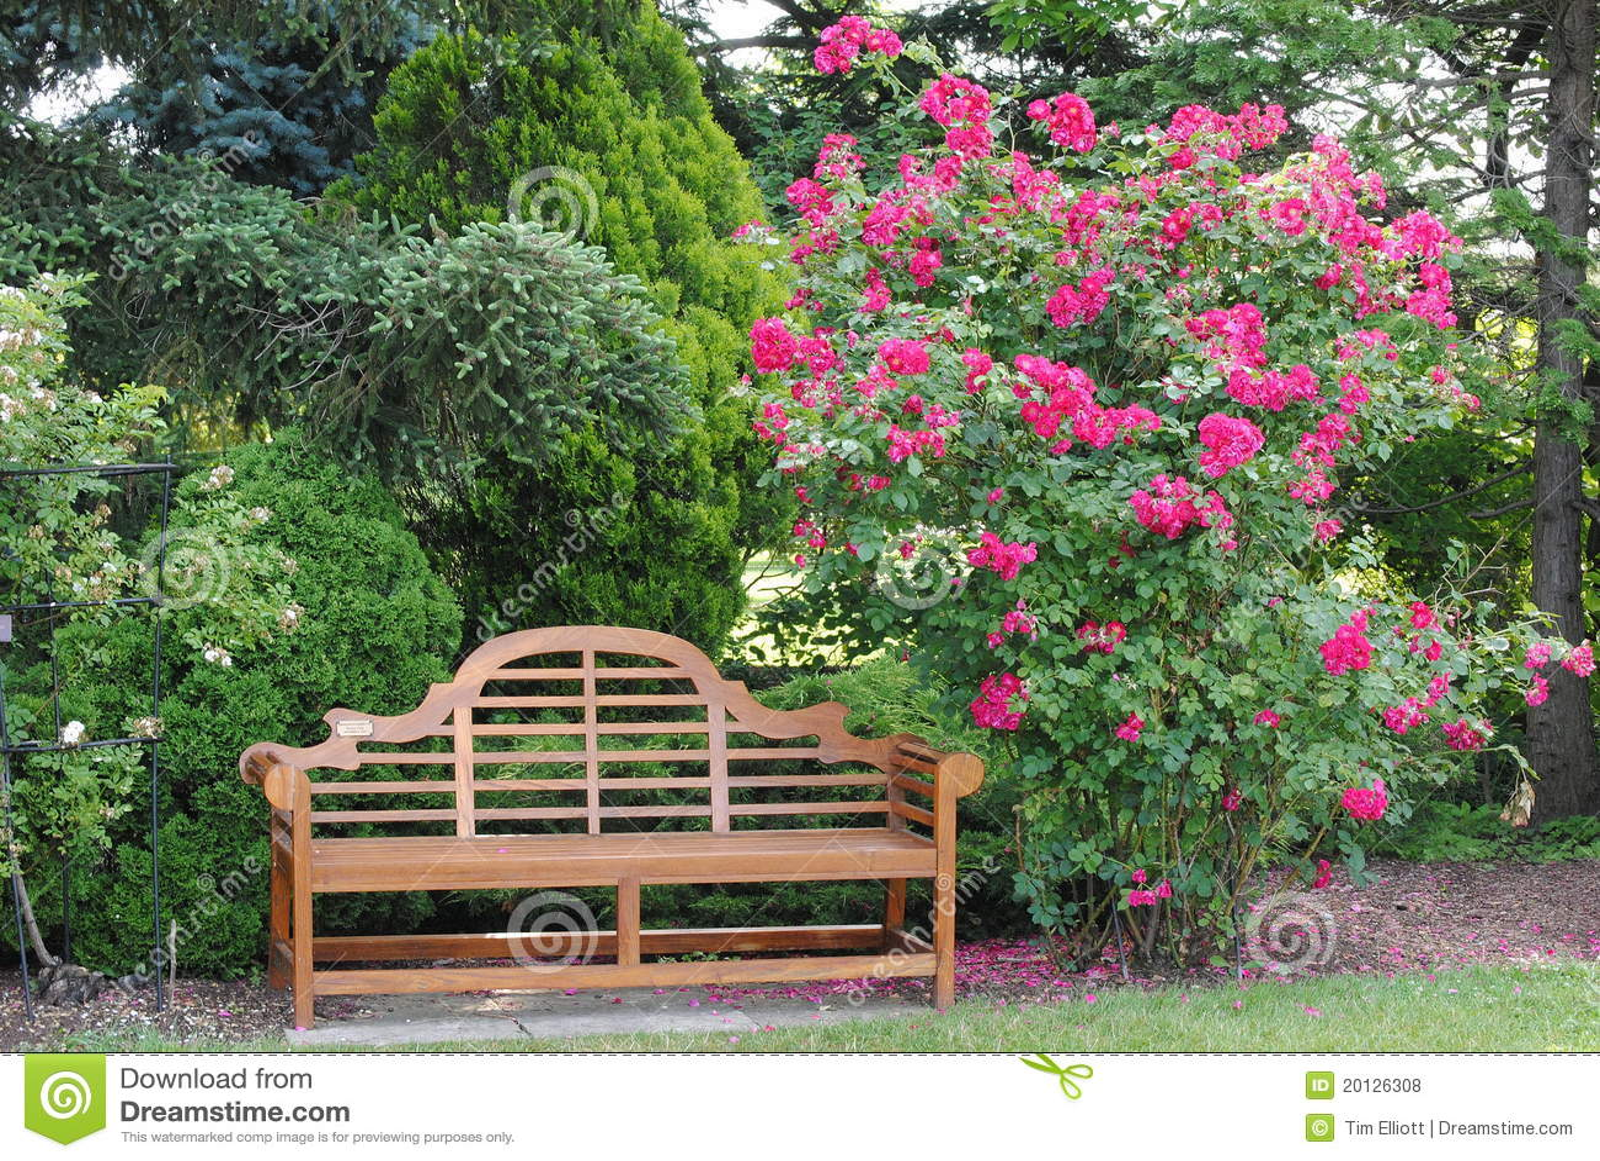 rosenbusch und eine garten bank lizenzfreie stockfotos bild 20126308. Black Bedroom Furniture Sets. Home Design Ideas